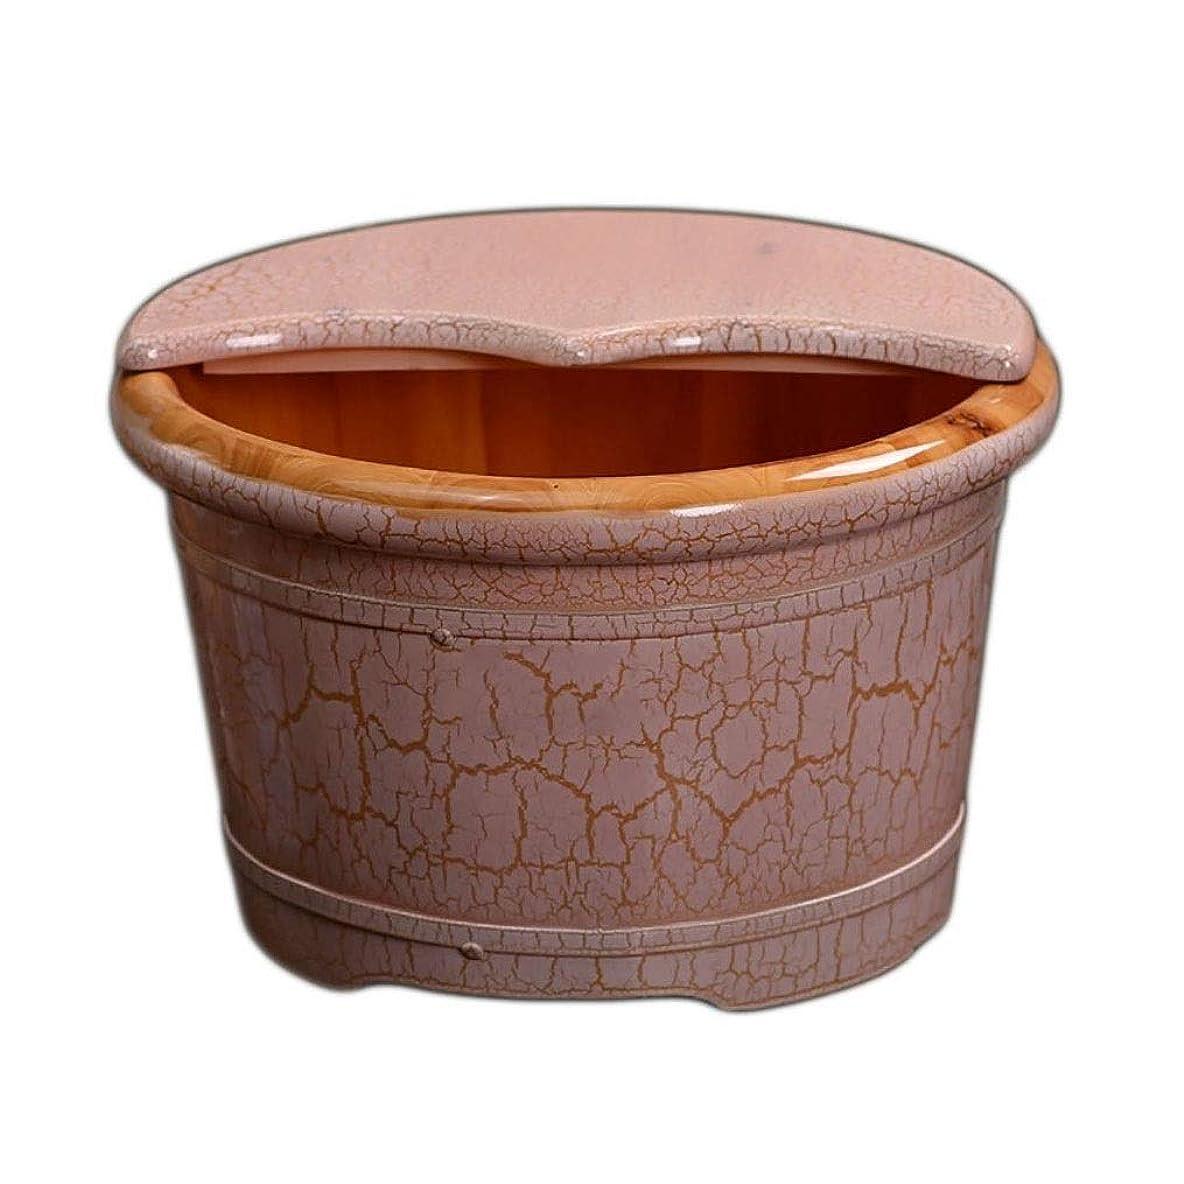 権威加害者マイコン木製の足浴槽、木製フットバス浴槽、家庭用洗面台